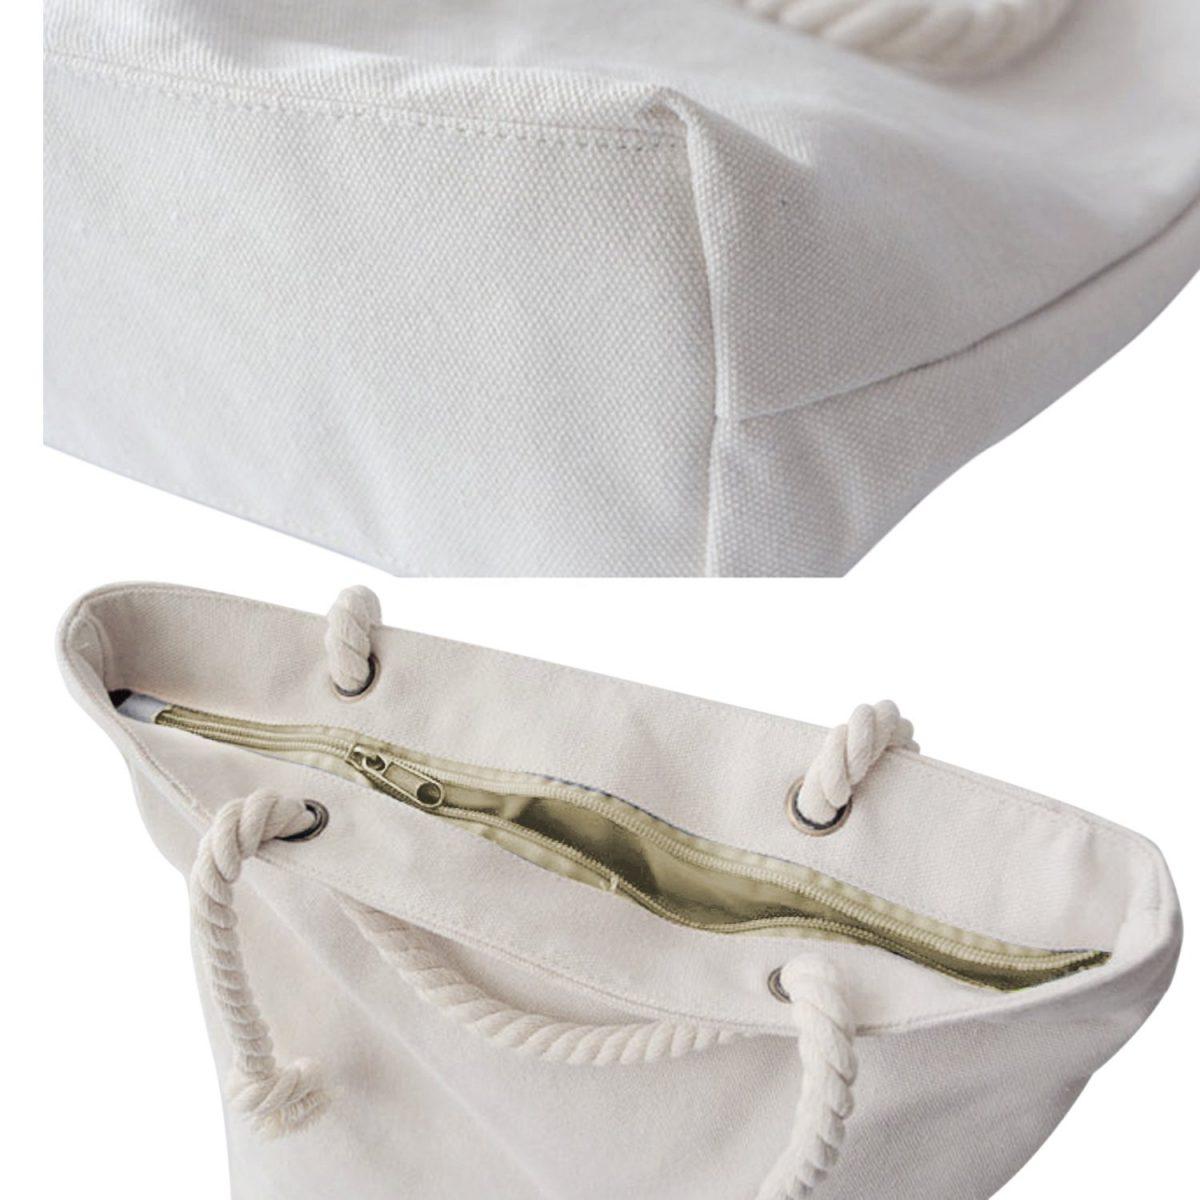 Özel Tasarım Köpekcik Tasarımlı Dijital Baskılı Fermuarlı Kumaş Çanta Realhomes